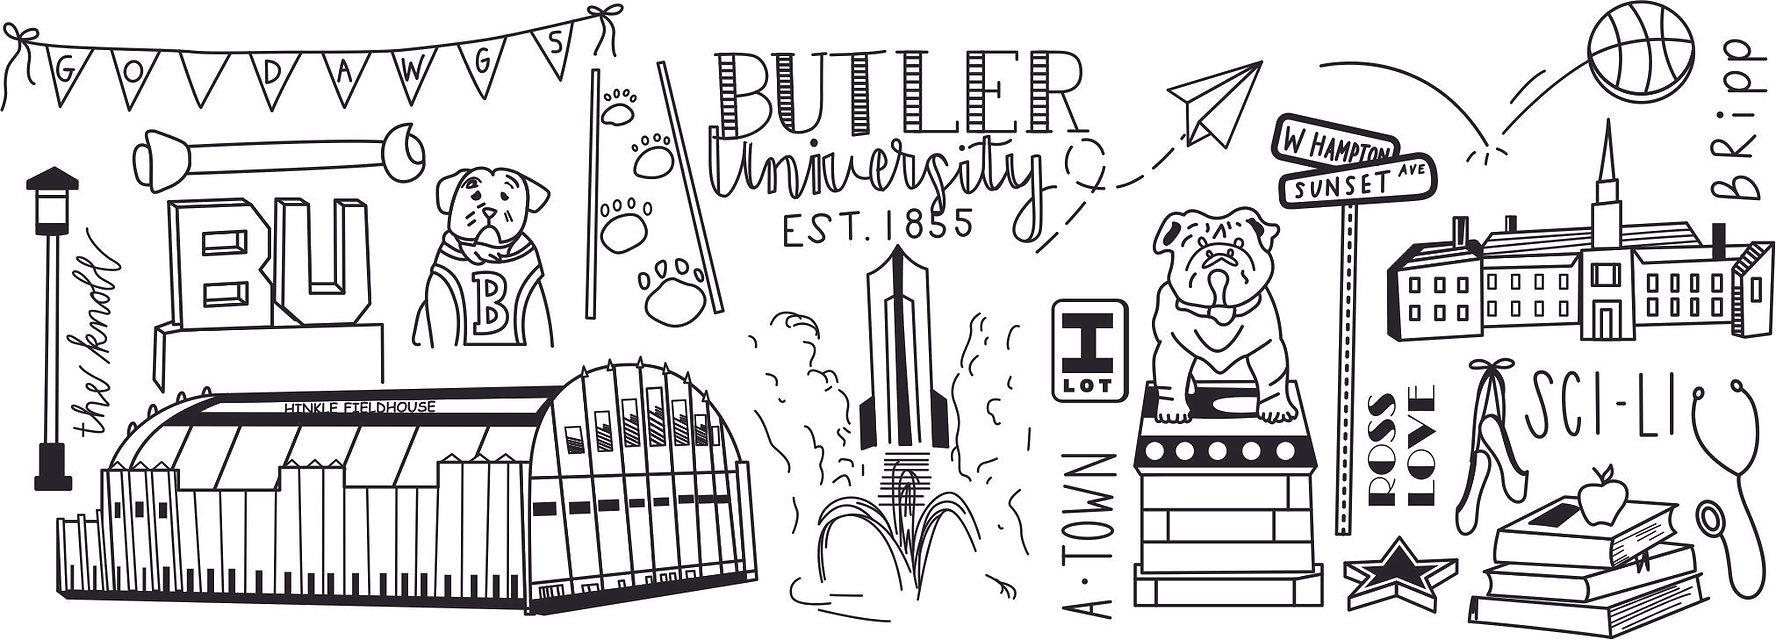 Butler vector.jpg